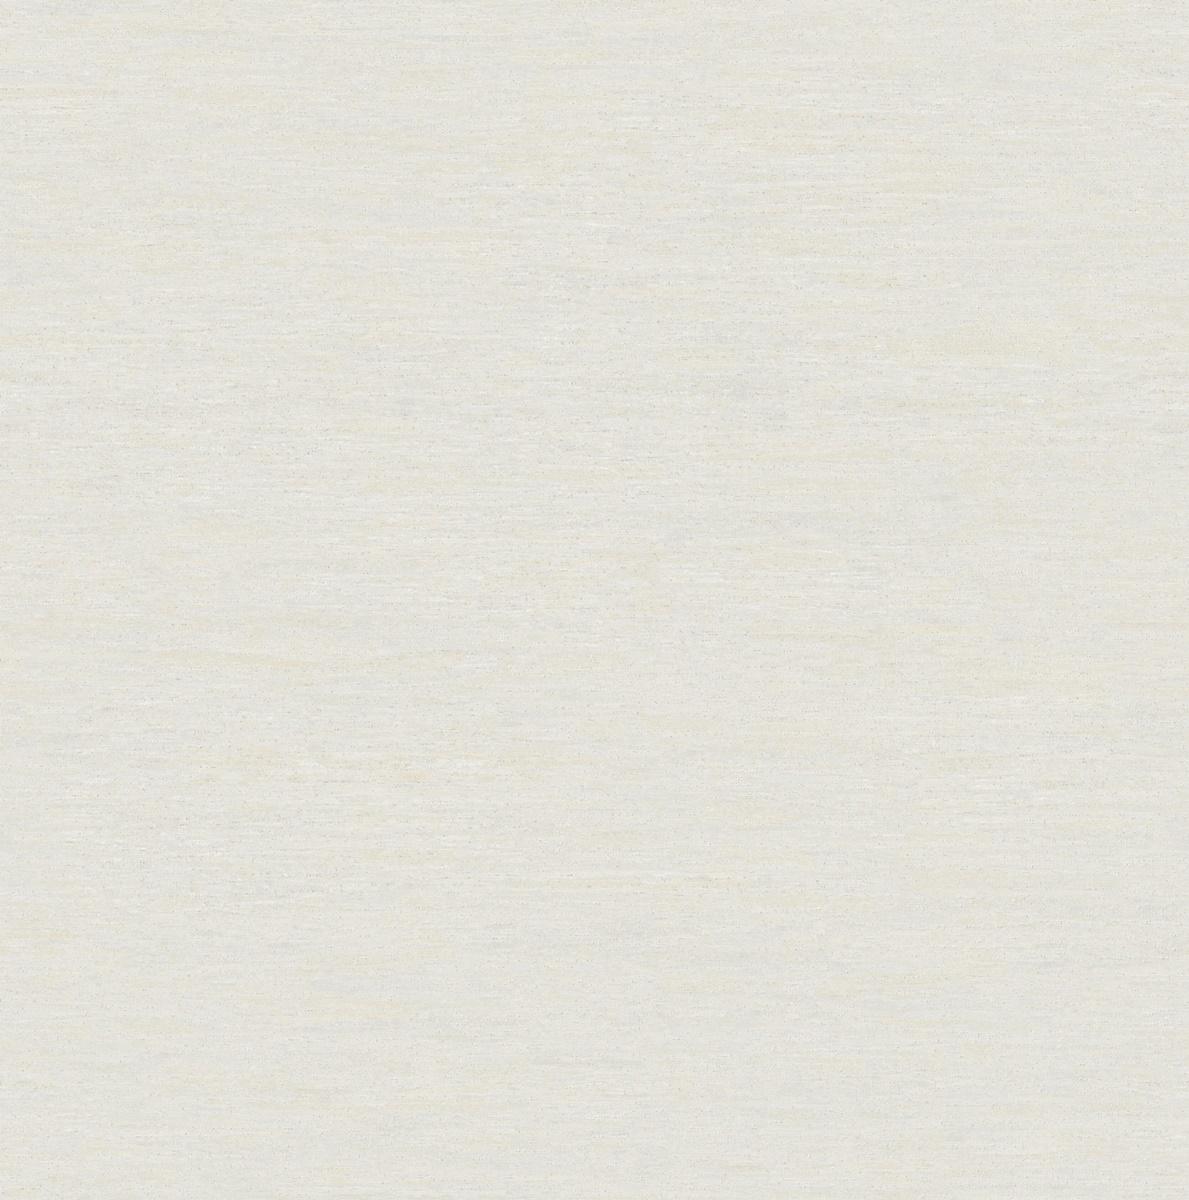 Papel De Parede Non-Woven Texturizado Durável Impermeável